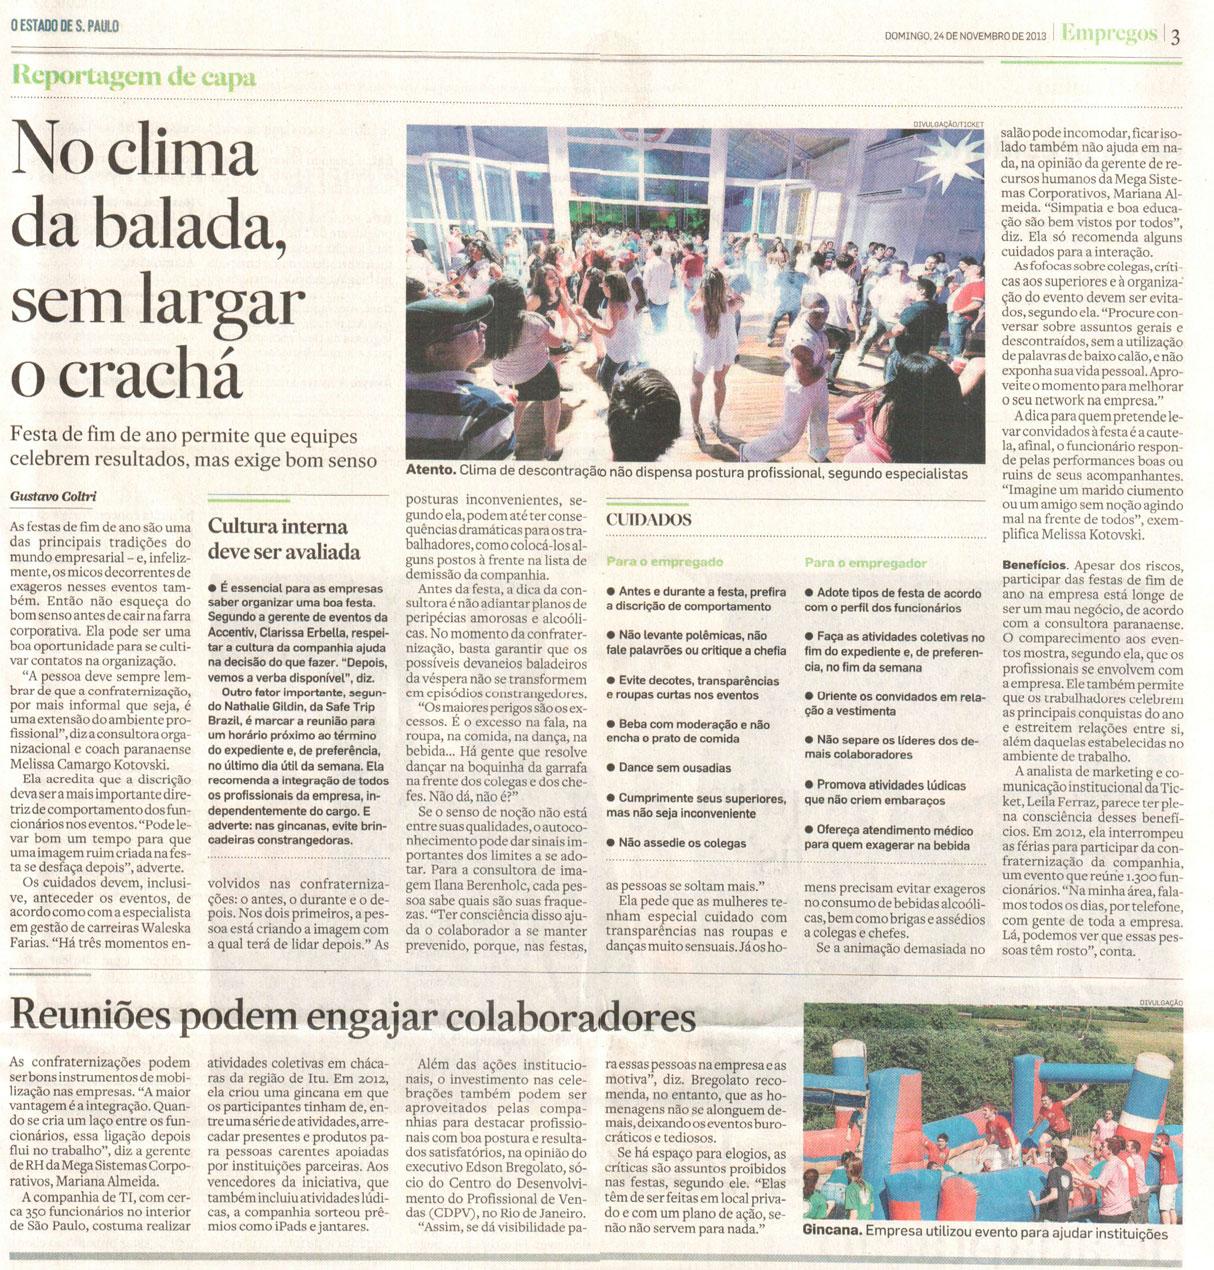 Imprensa   Jornal O Estado de São Paulo: No clima da balada, sem largar o crachá